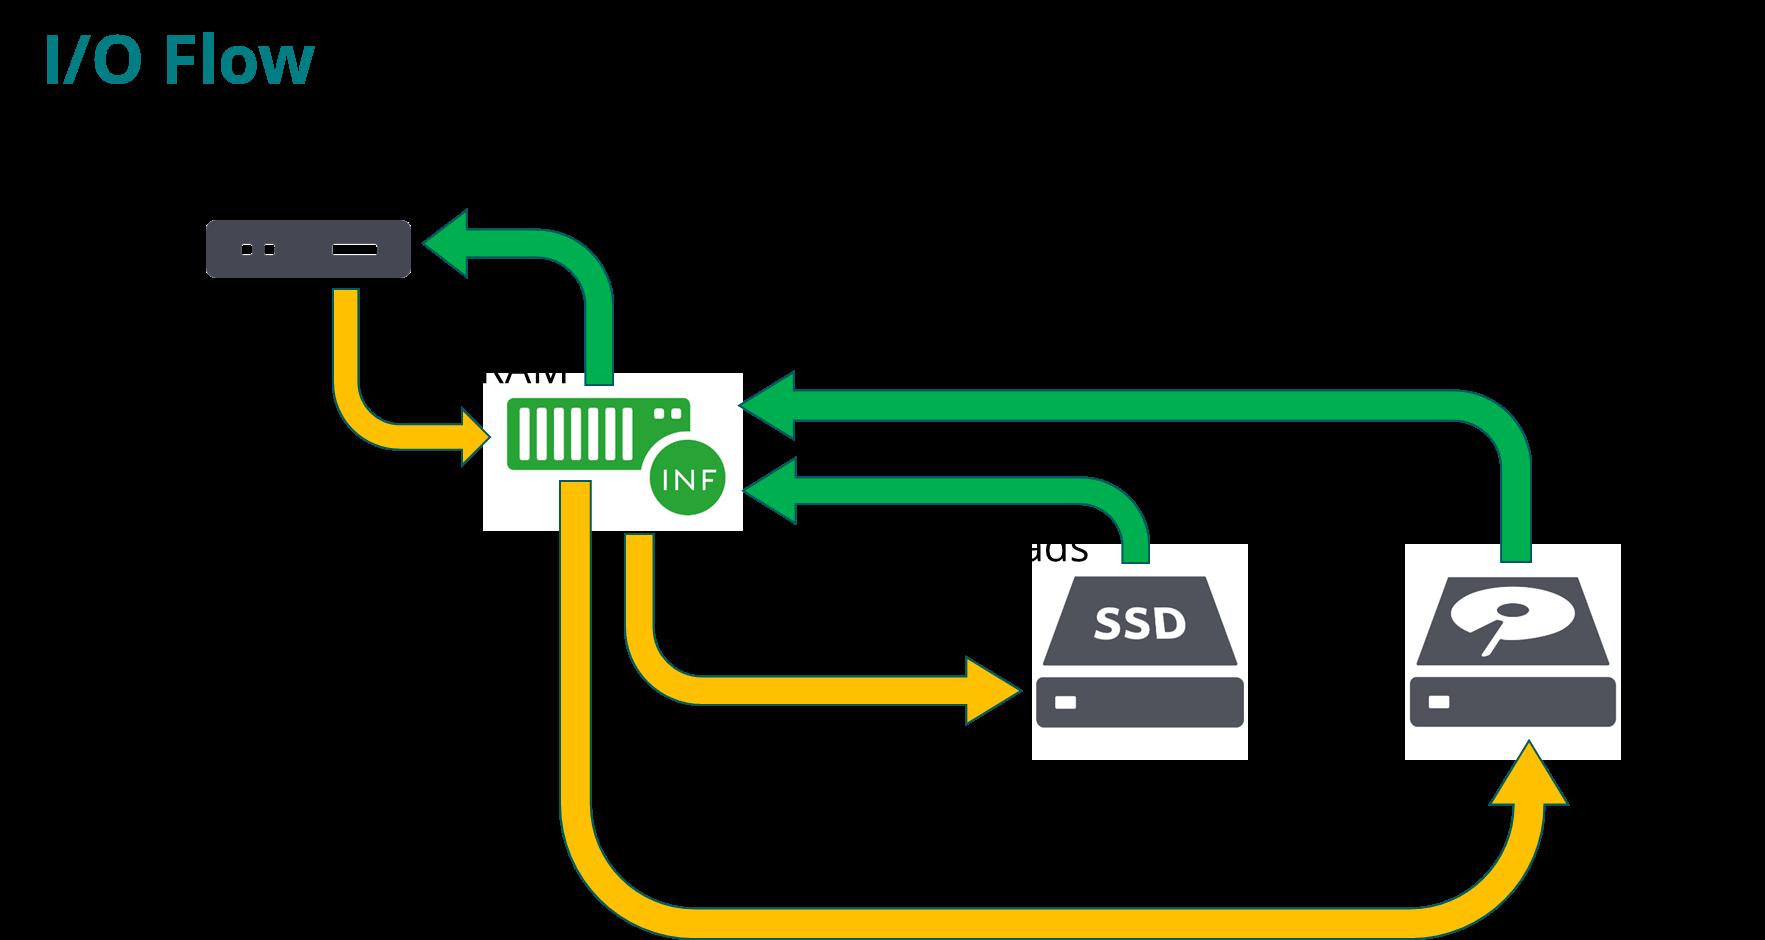 Технический обзор архитектуры СХД Infinidat - 6